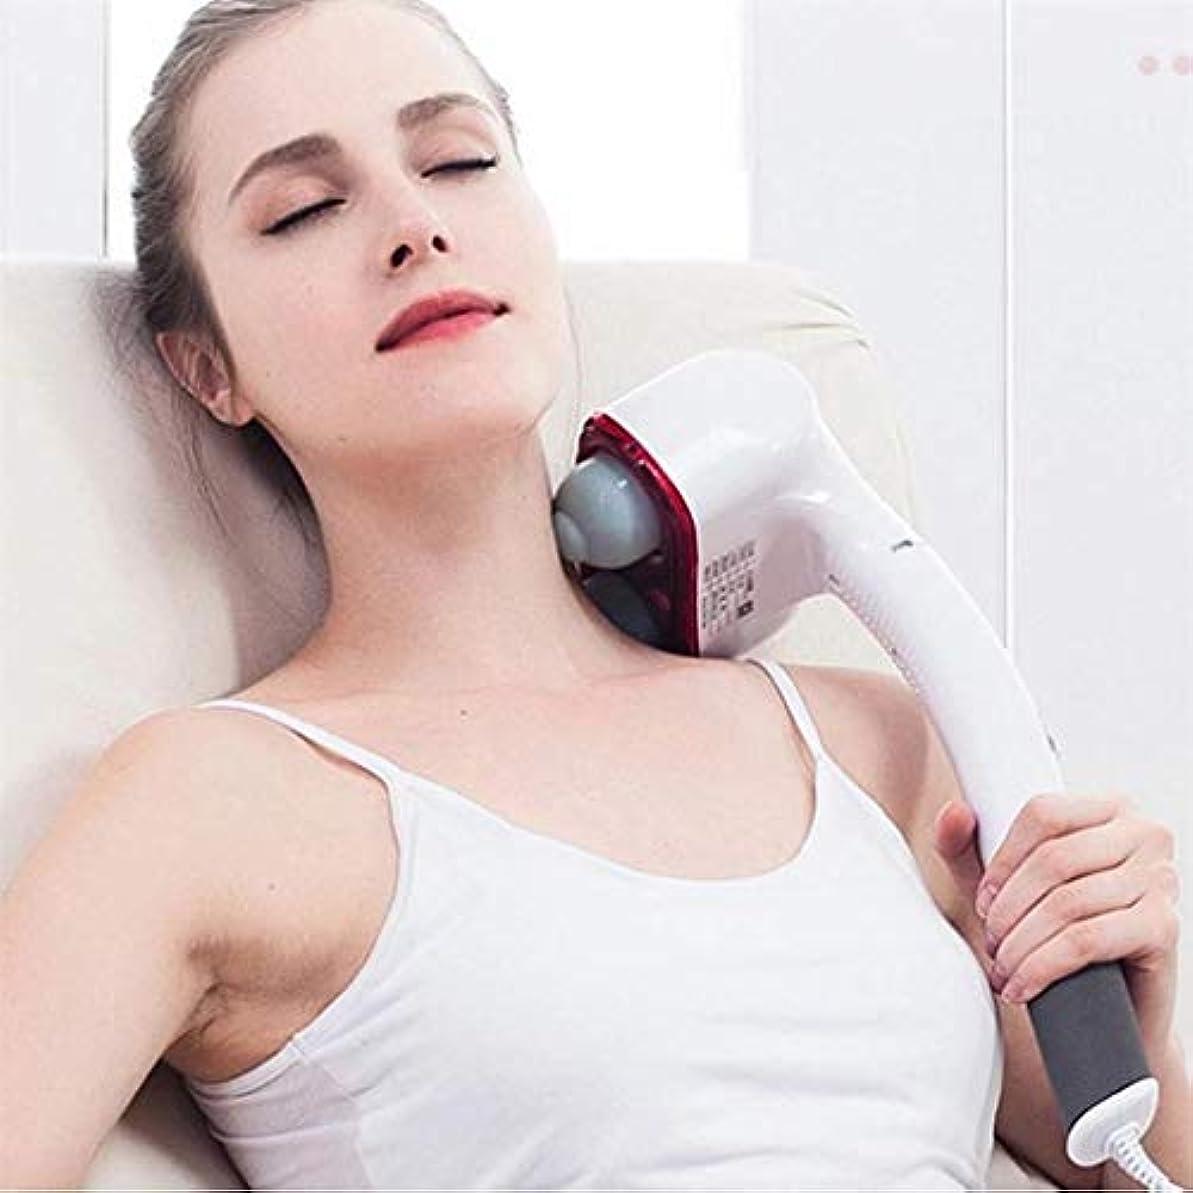 一般アンケートの間に電気マッサージャー、ハンドヘルドバックマッサージャー、ポータブルネック振動マッサージャー、ストレス/痛みを和らげる、血液循環/睡眠を促進する